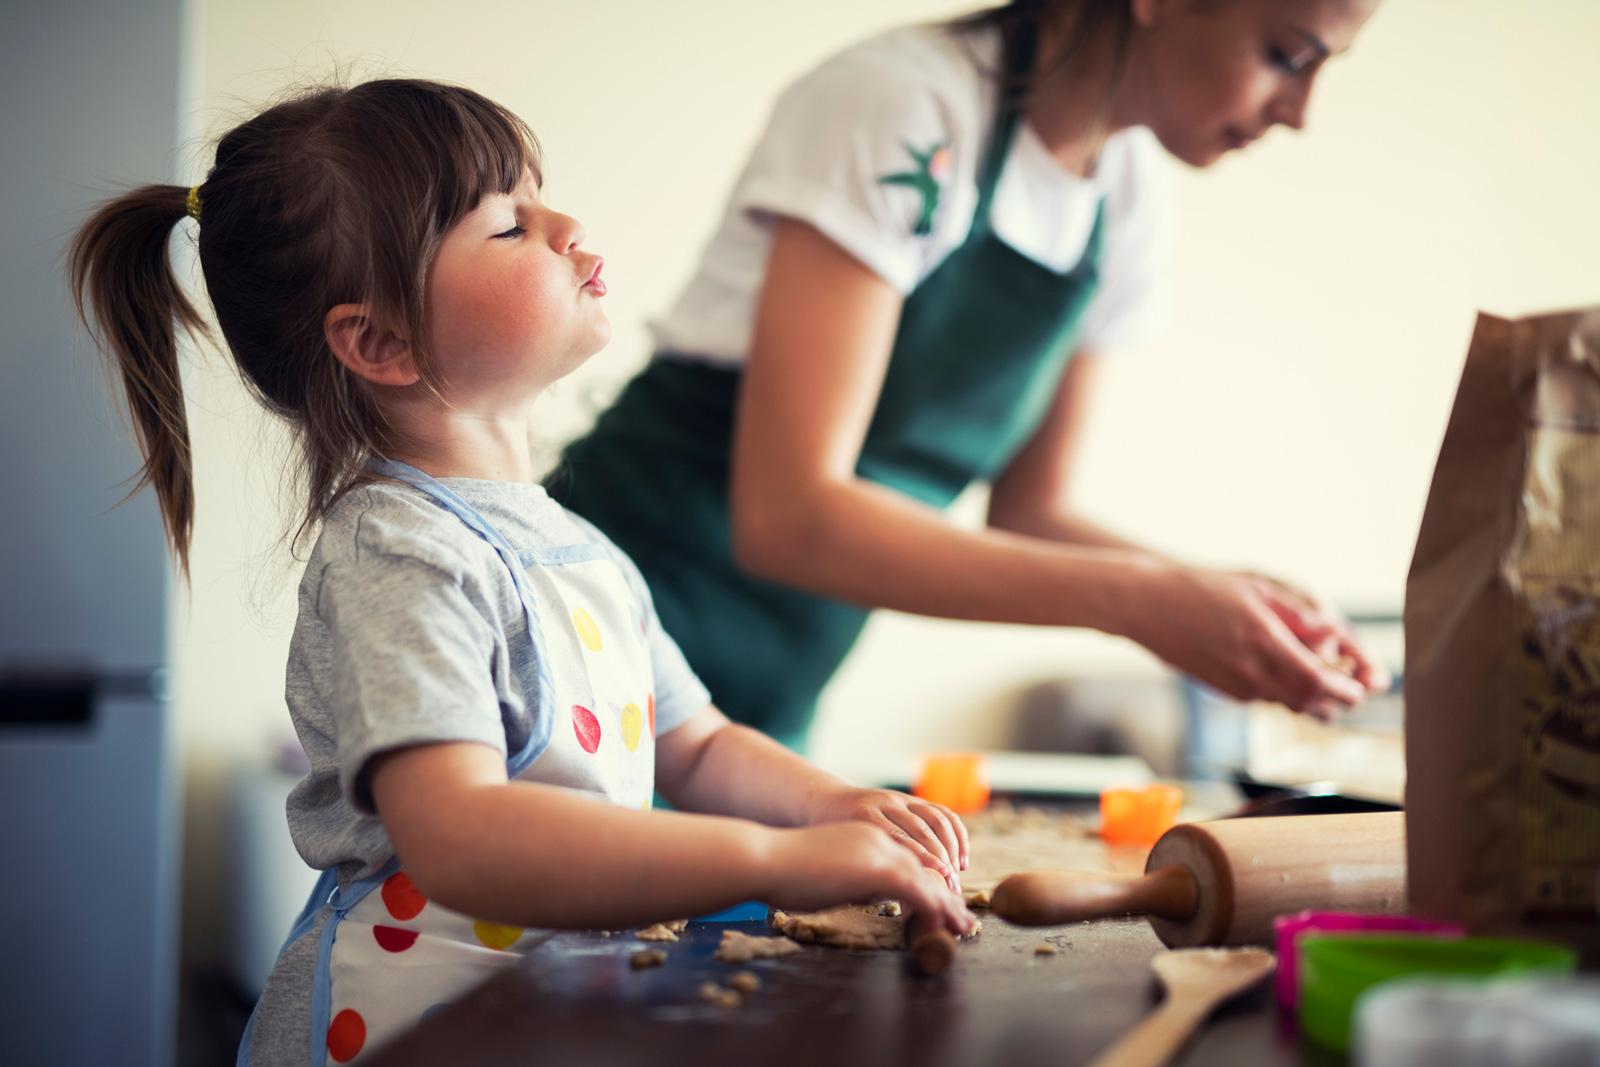 Keine echte Hilfe: Kinder in der Küche